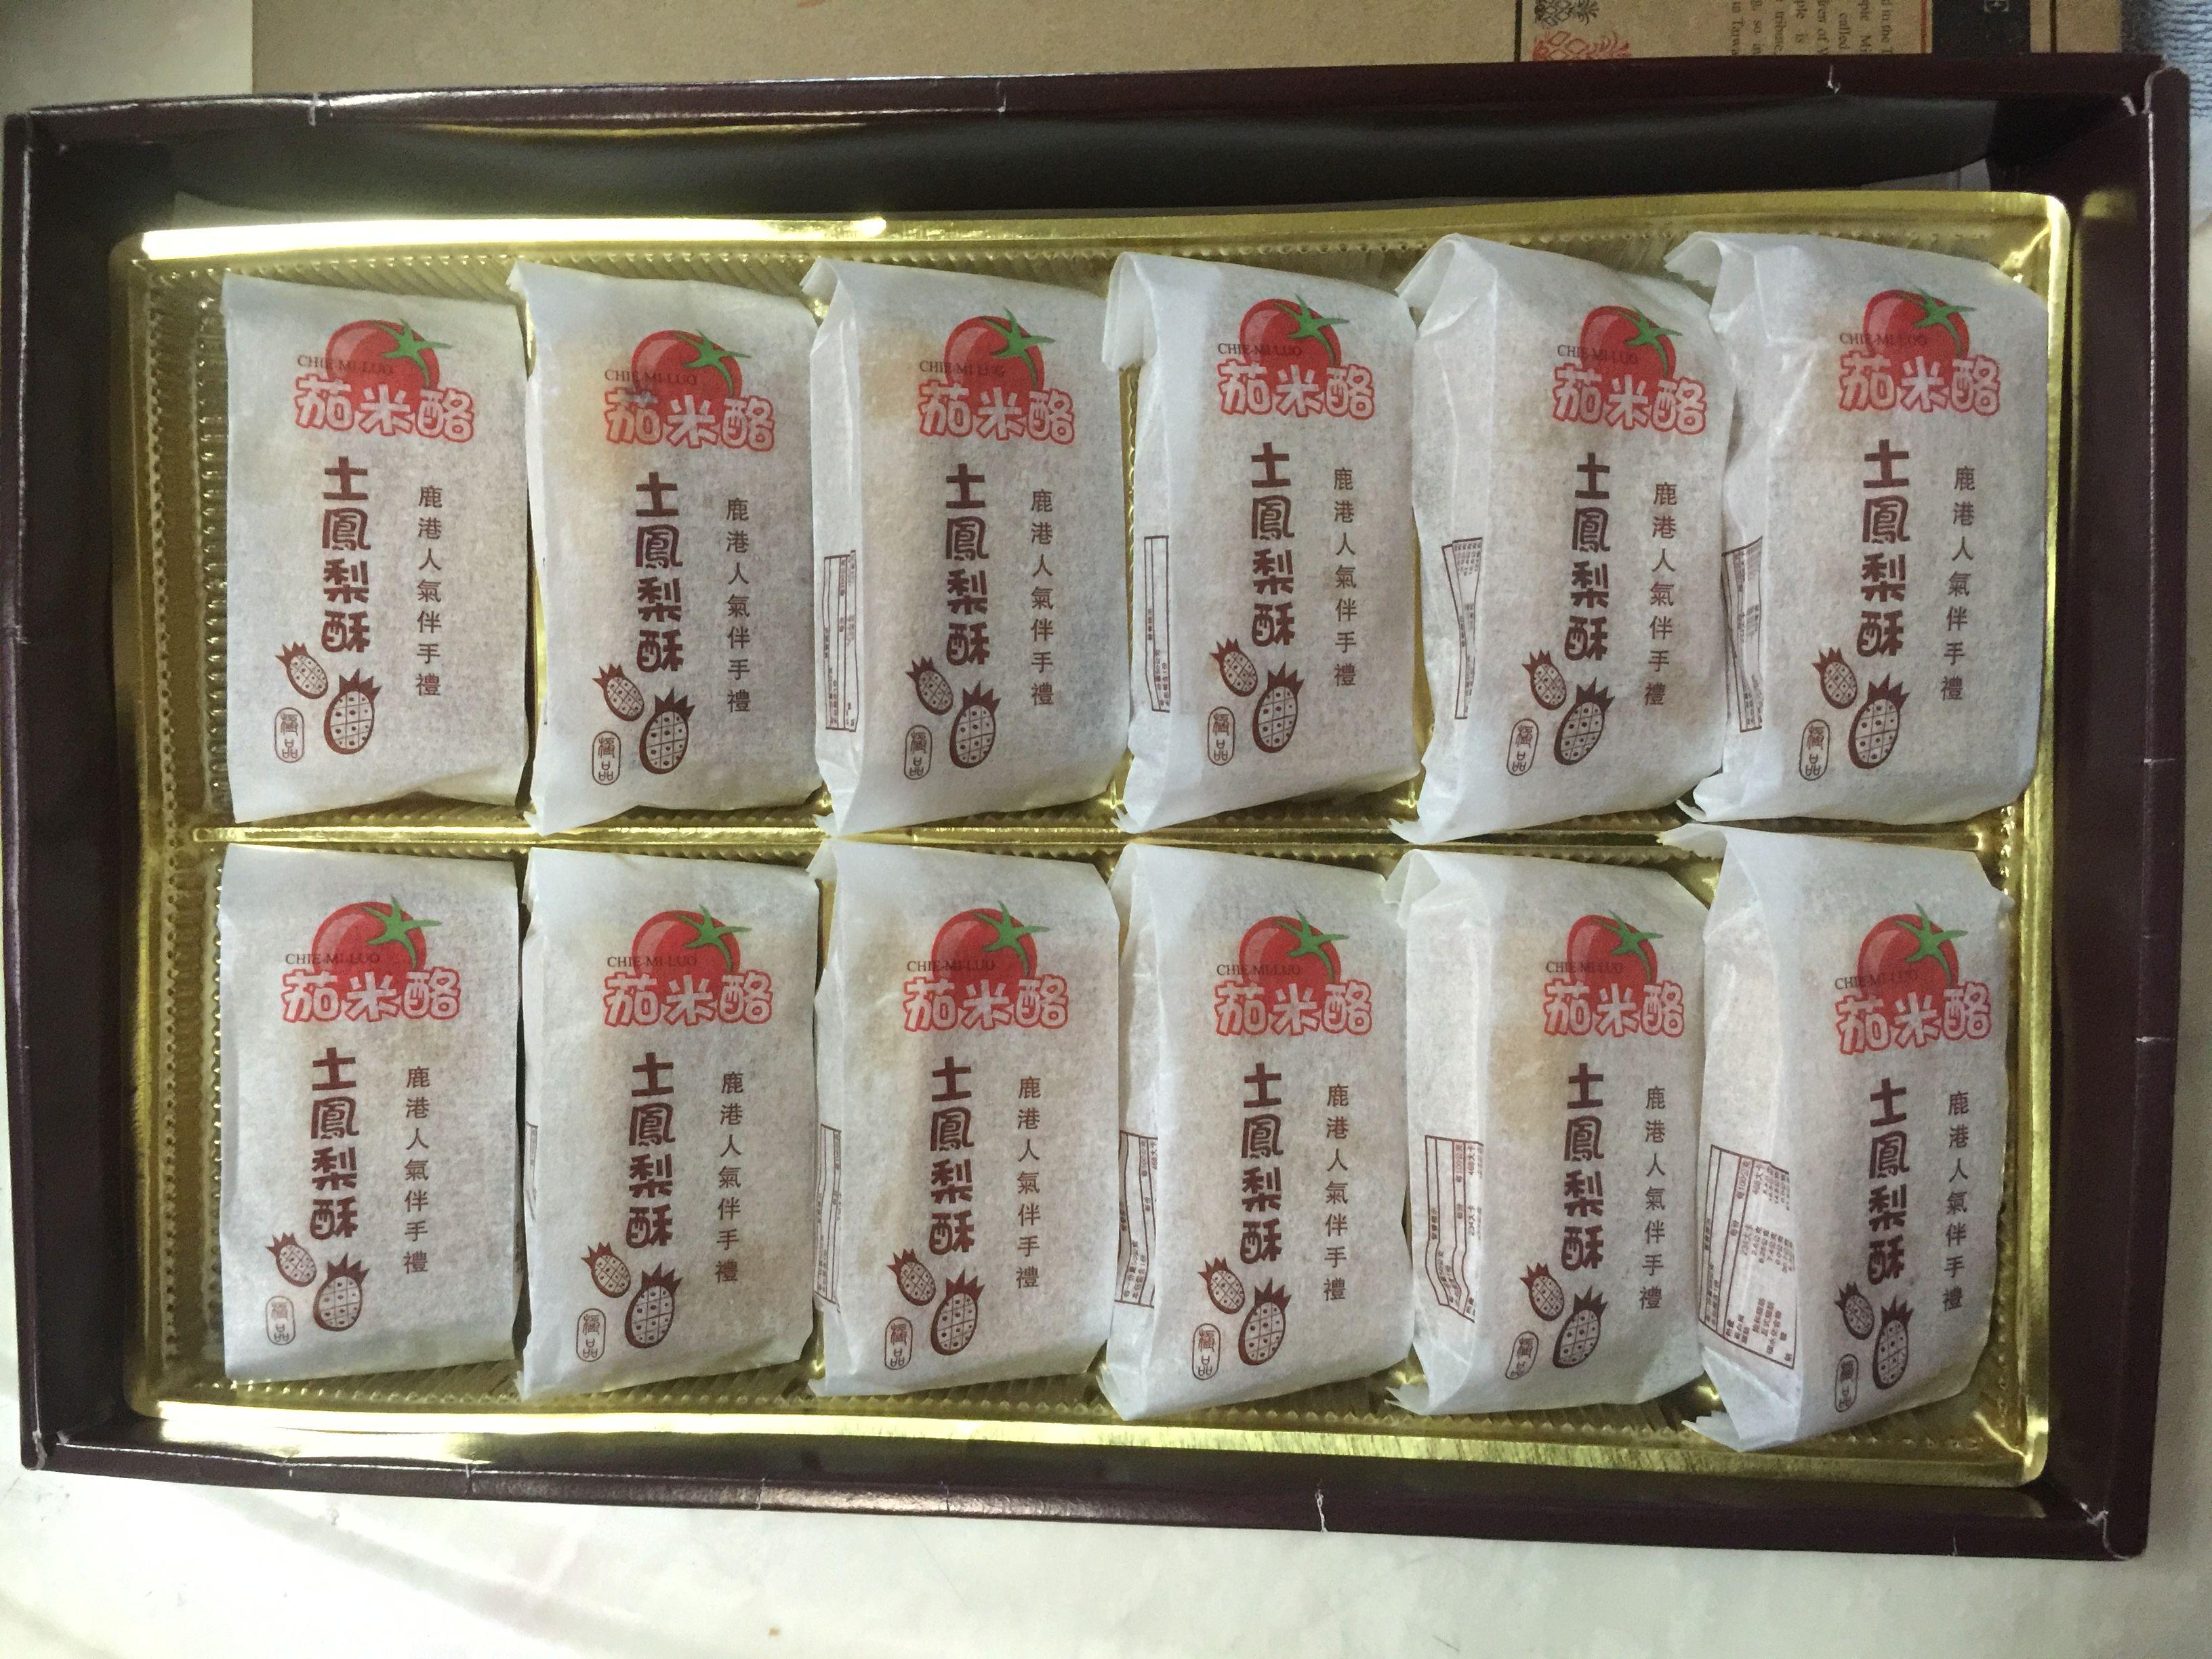 茄米酪土鳳梨酥 1盒12入